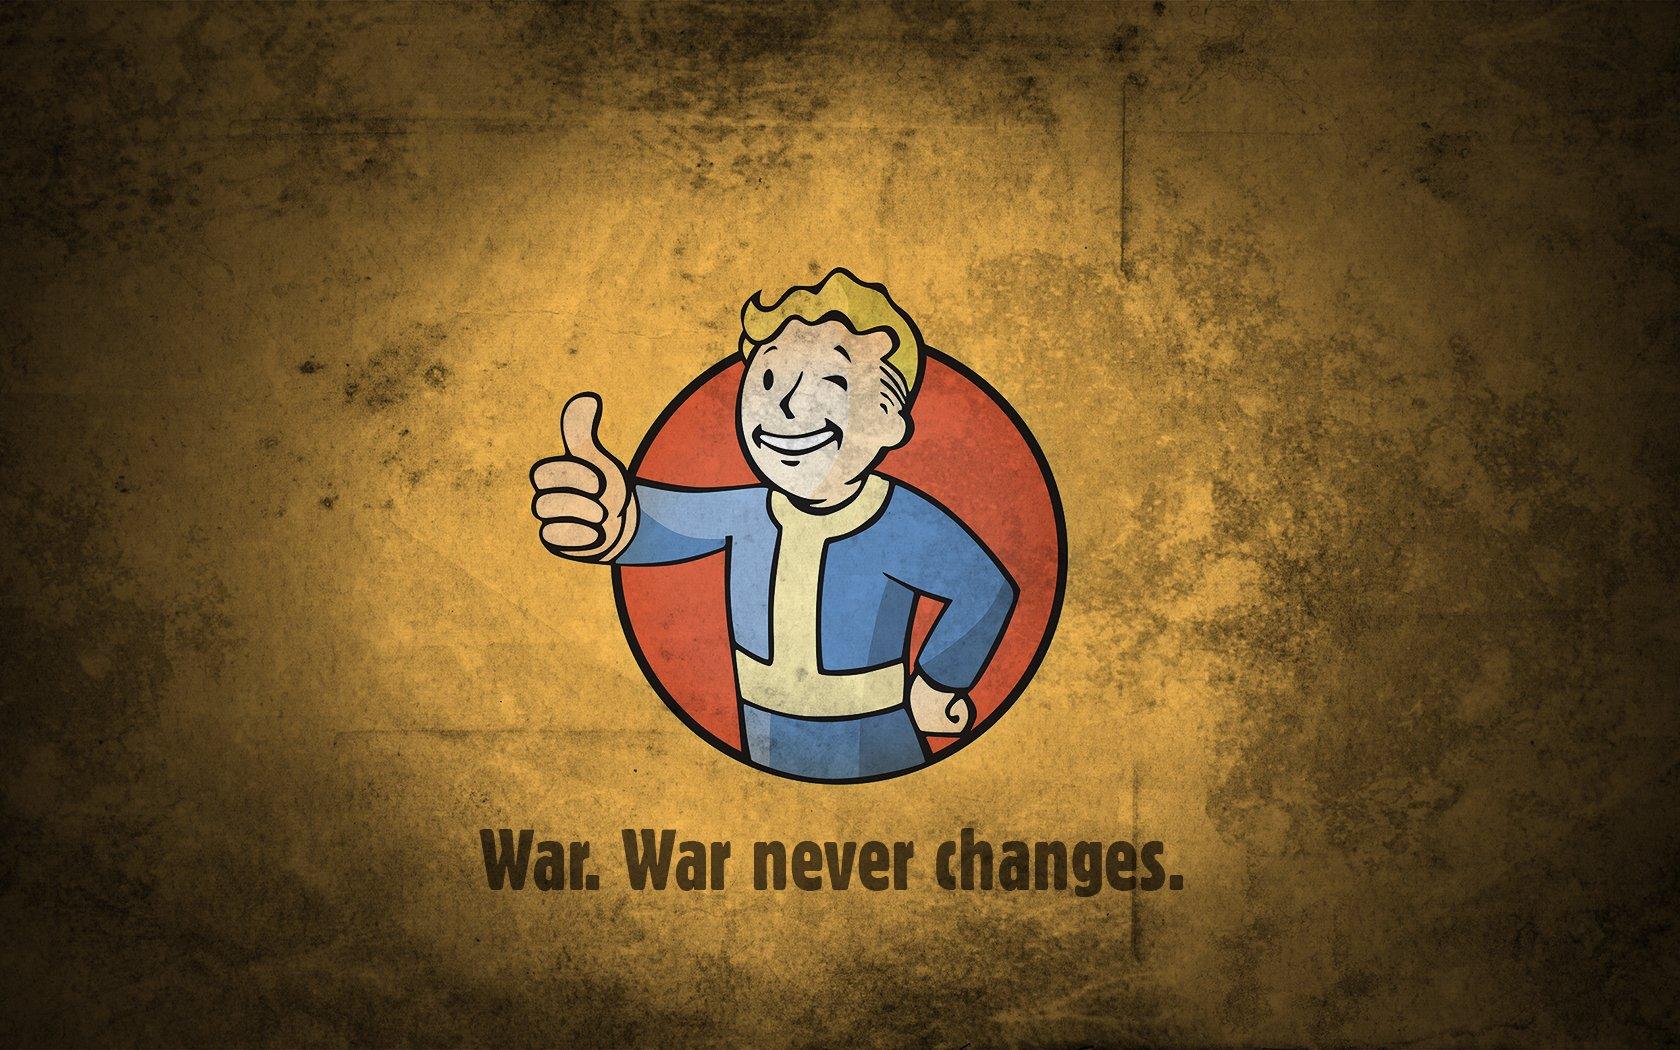 Fall Out Boy Wallpaper Logo Fallout Vault Boy War Never Changes Fond D 233 Cran And